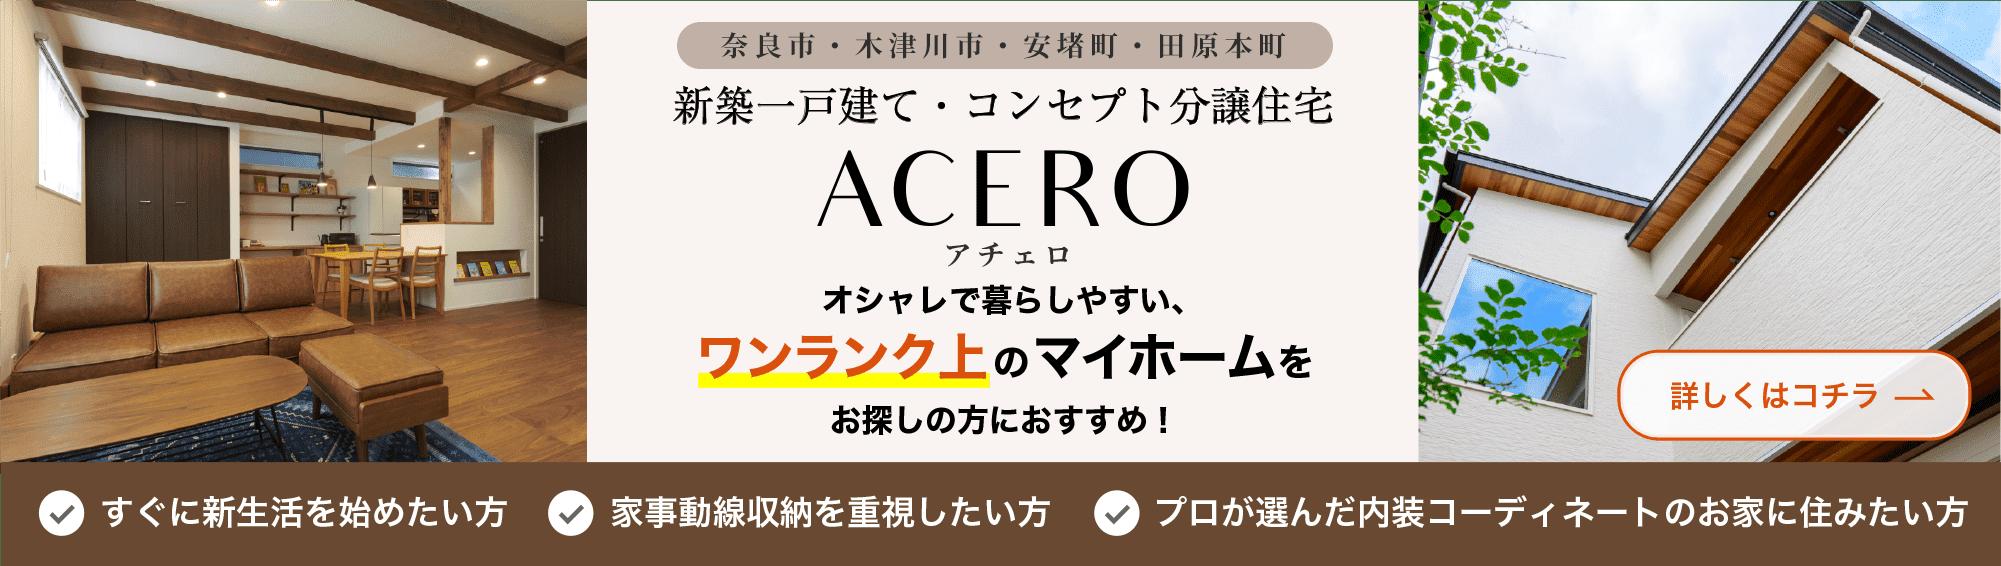 新築一戸建て・コンセプト分譲住宅 ACERO(アチェロ) オシャレで暮らしやすいワンランク上のマイホームをお探しの方におすすめ!